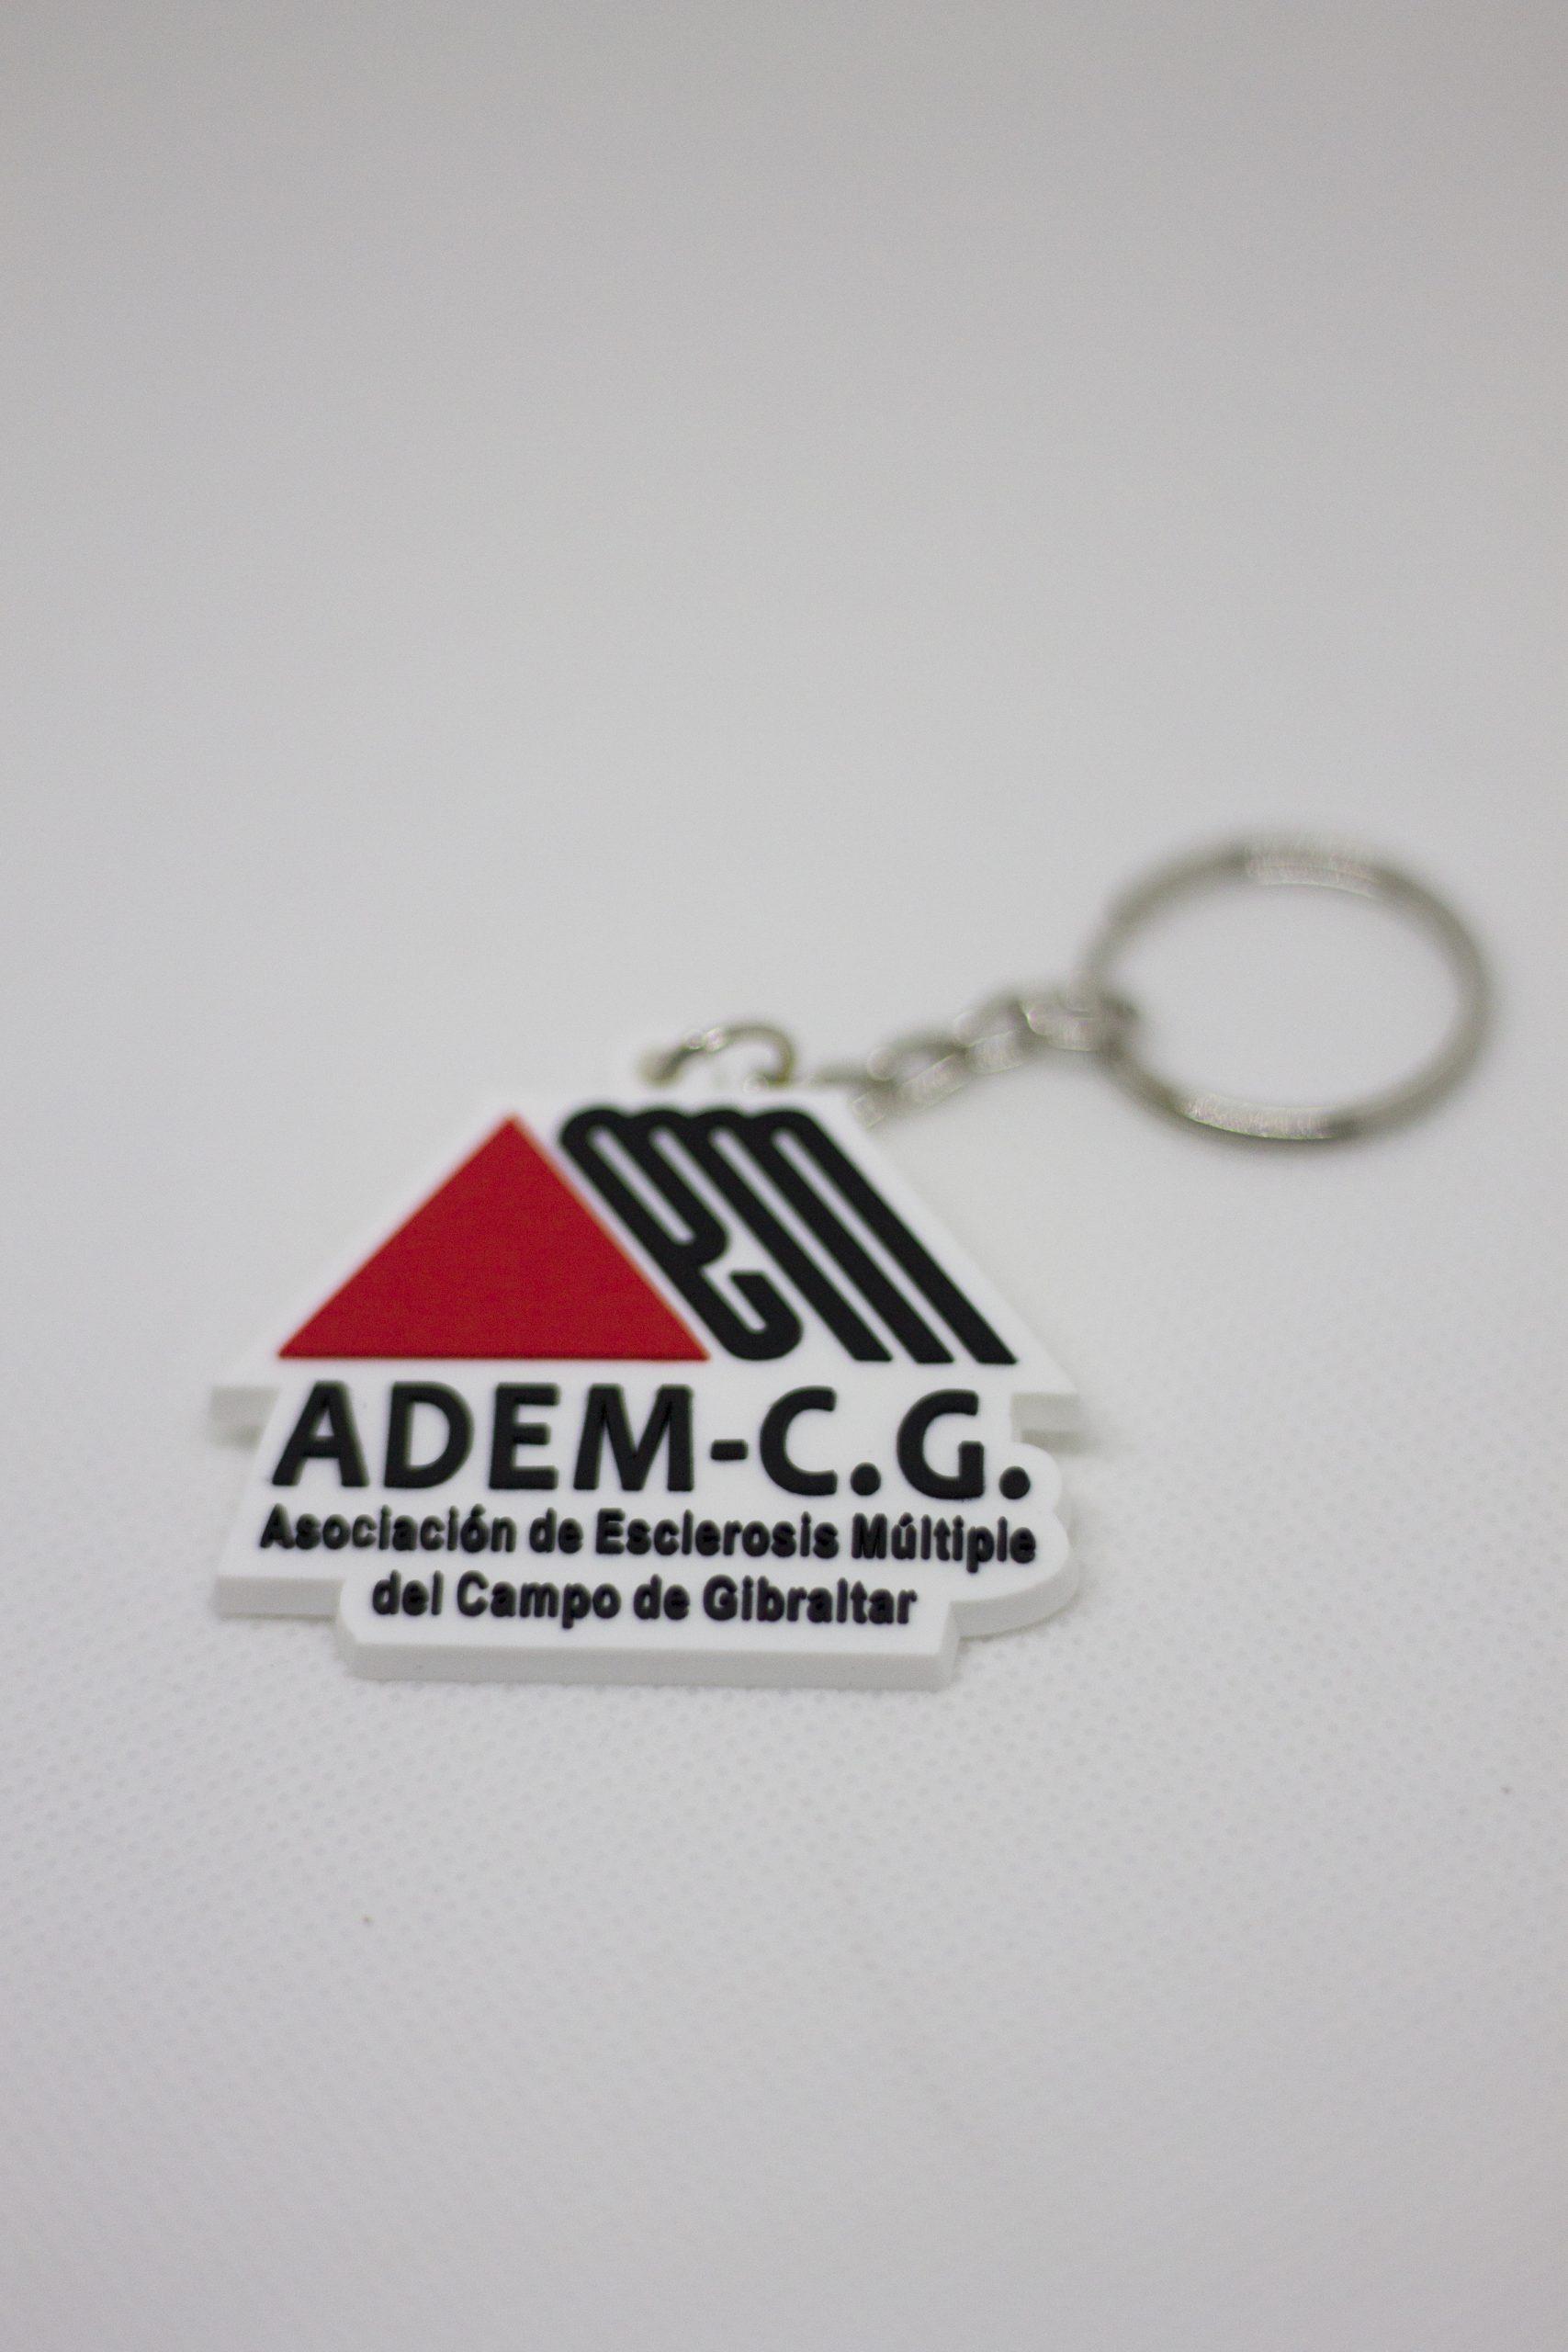 Llavero ADEM-CG